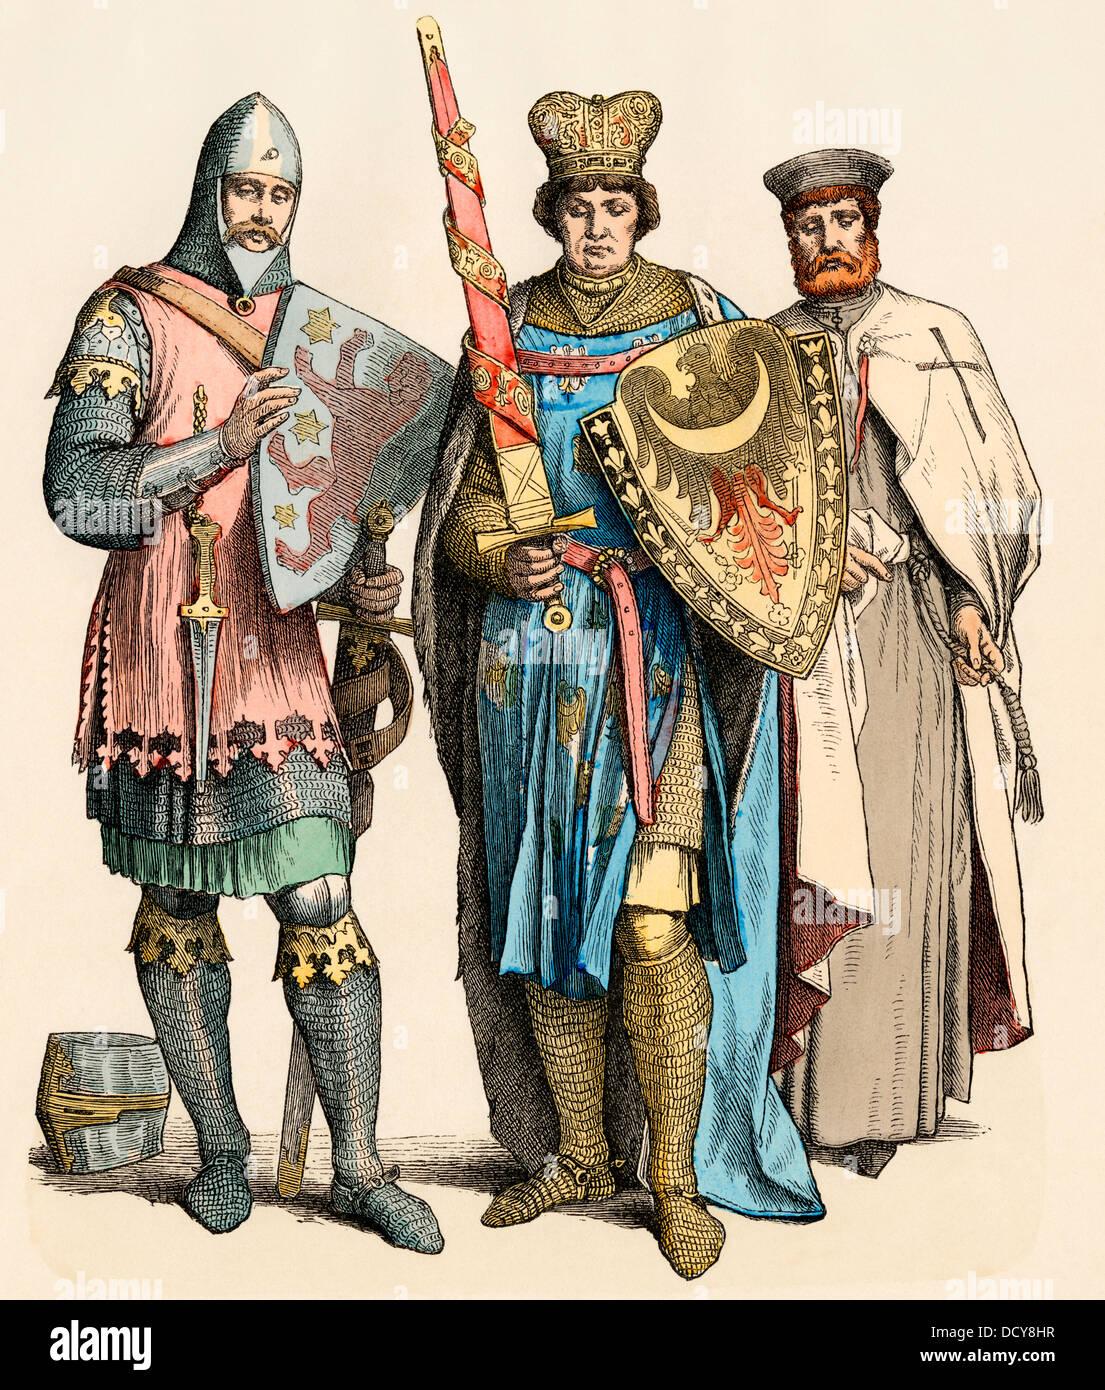 Mittelalterliche Ritter, Prinz, und Templer Ritter (links-rechts). Hand-farbig drucken Stockbild